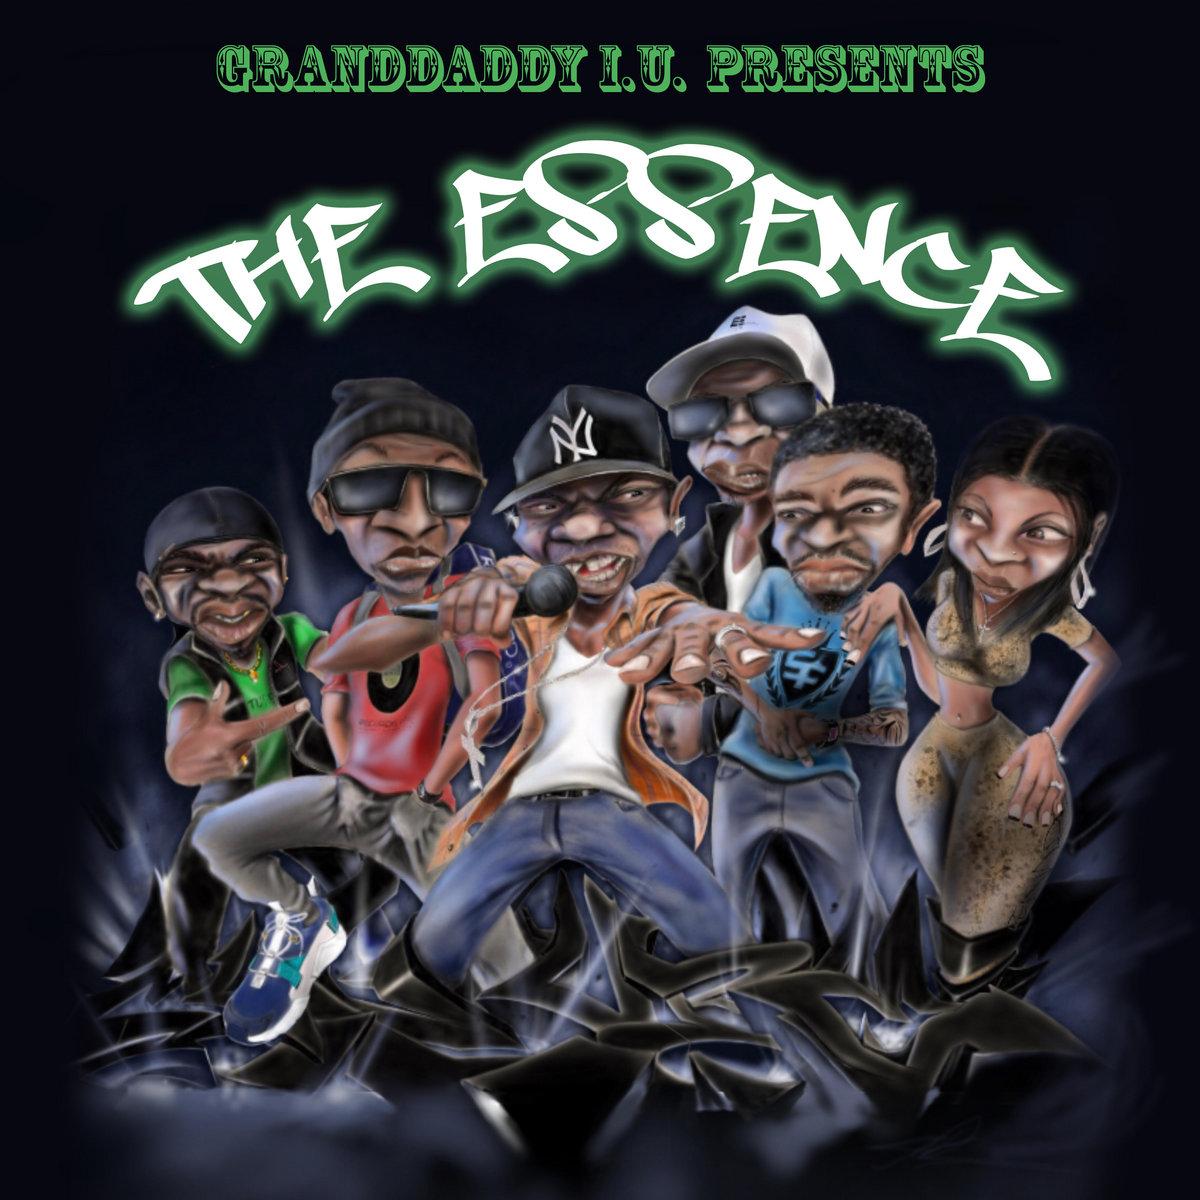 Grand Daddy I.U. – Grand Daddy I.U. Presents The Essence (2021) [FLAC]